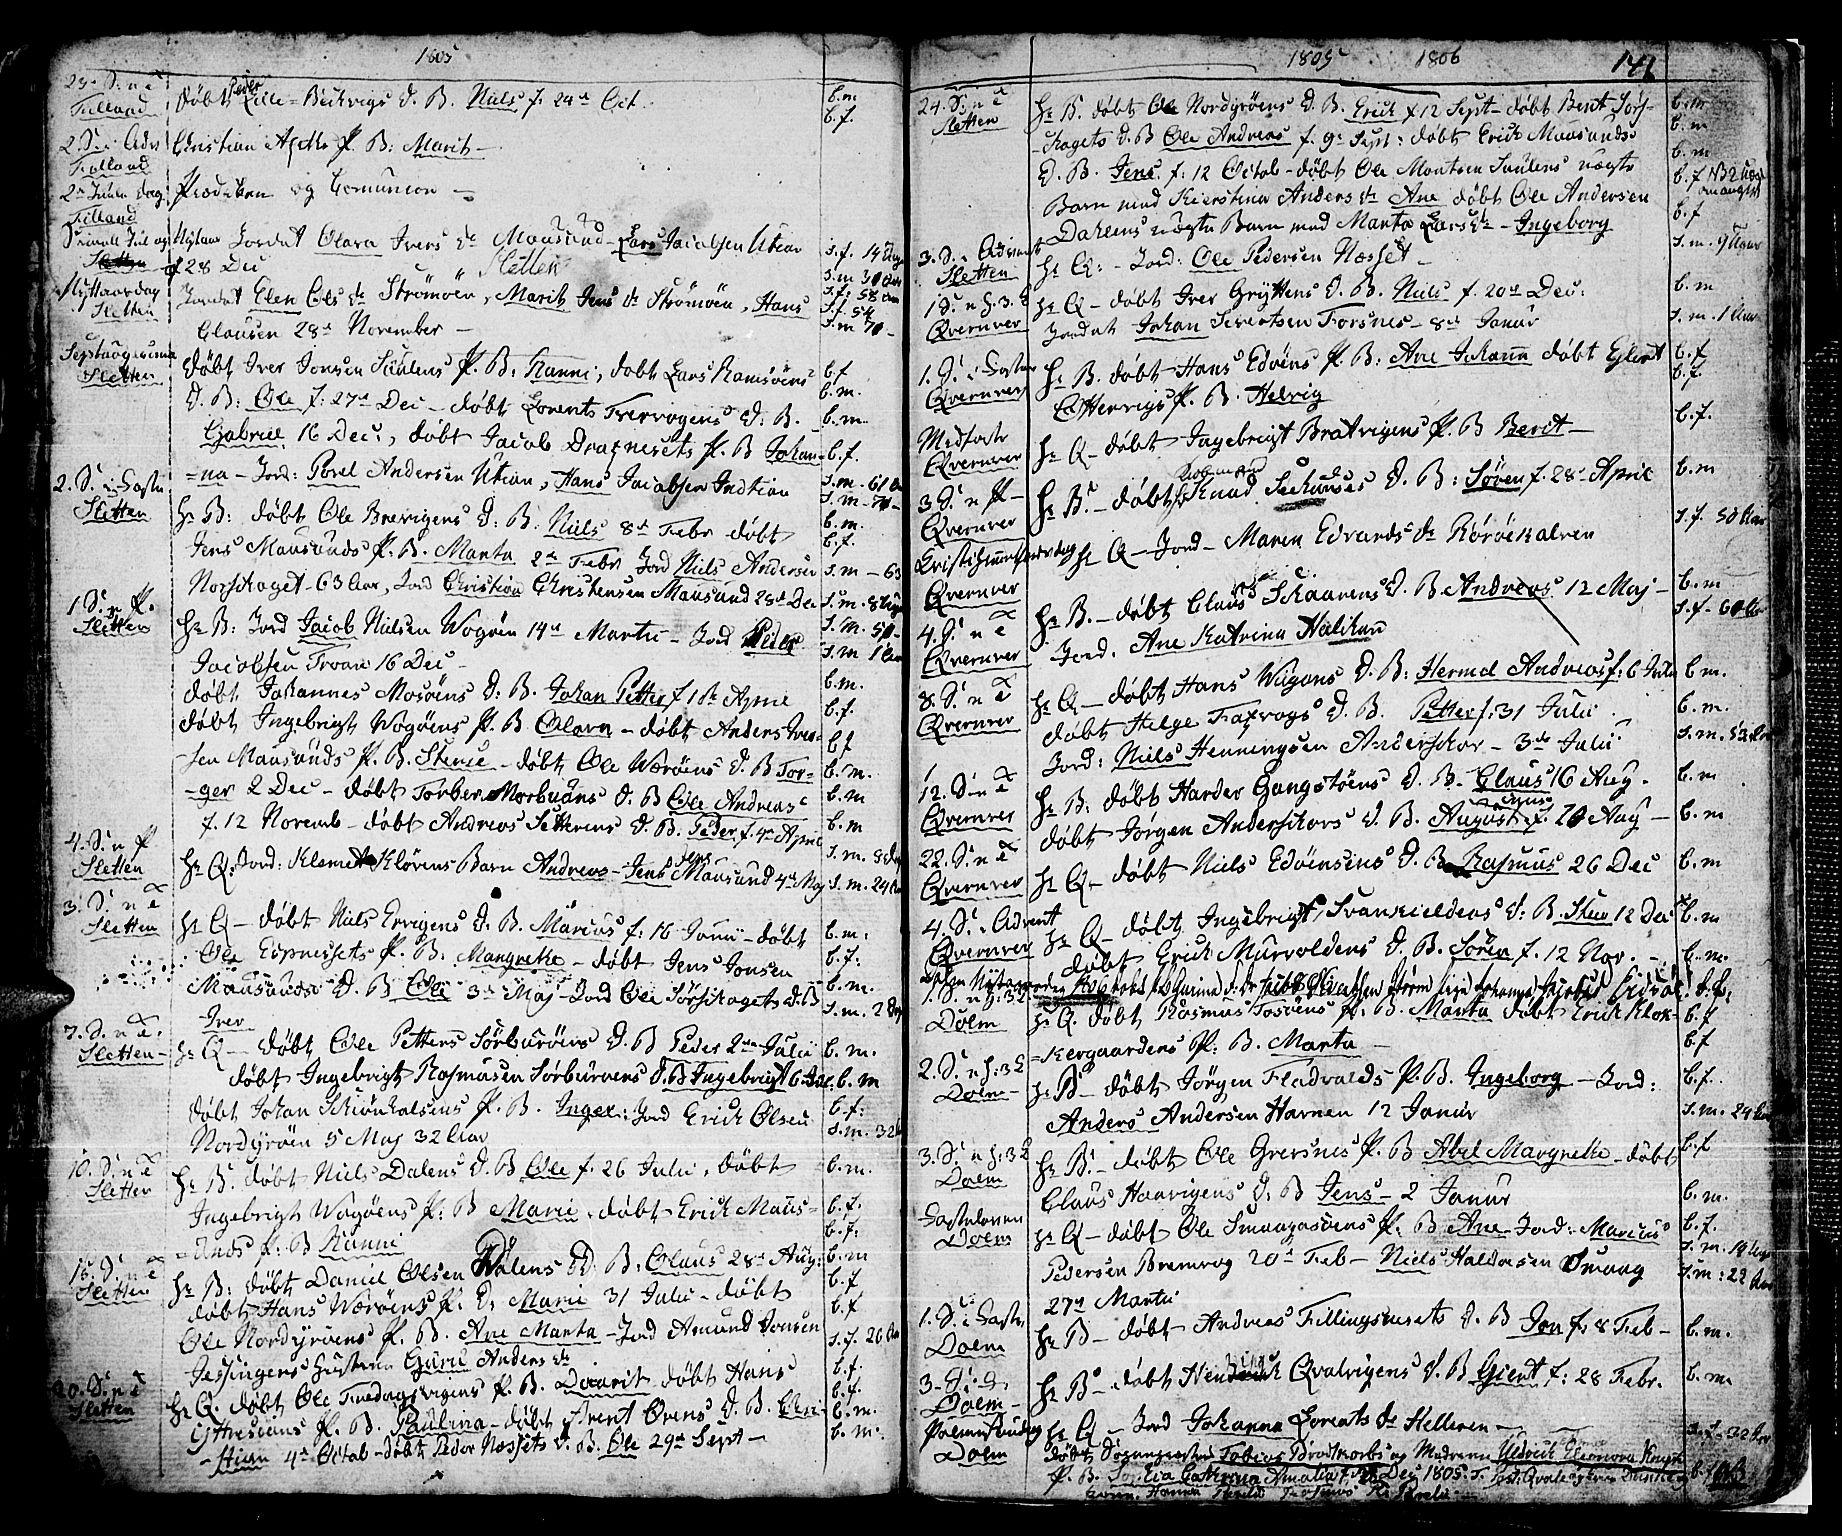 SAT, Ministerialprotokoller, klokkerbøker og fødselsregistre - Sør-Trøndelag, 634/L0526: Ministerialbok nr. 634A02, 1775-1818, s. 146